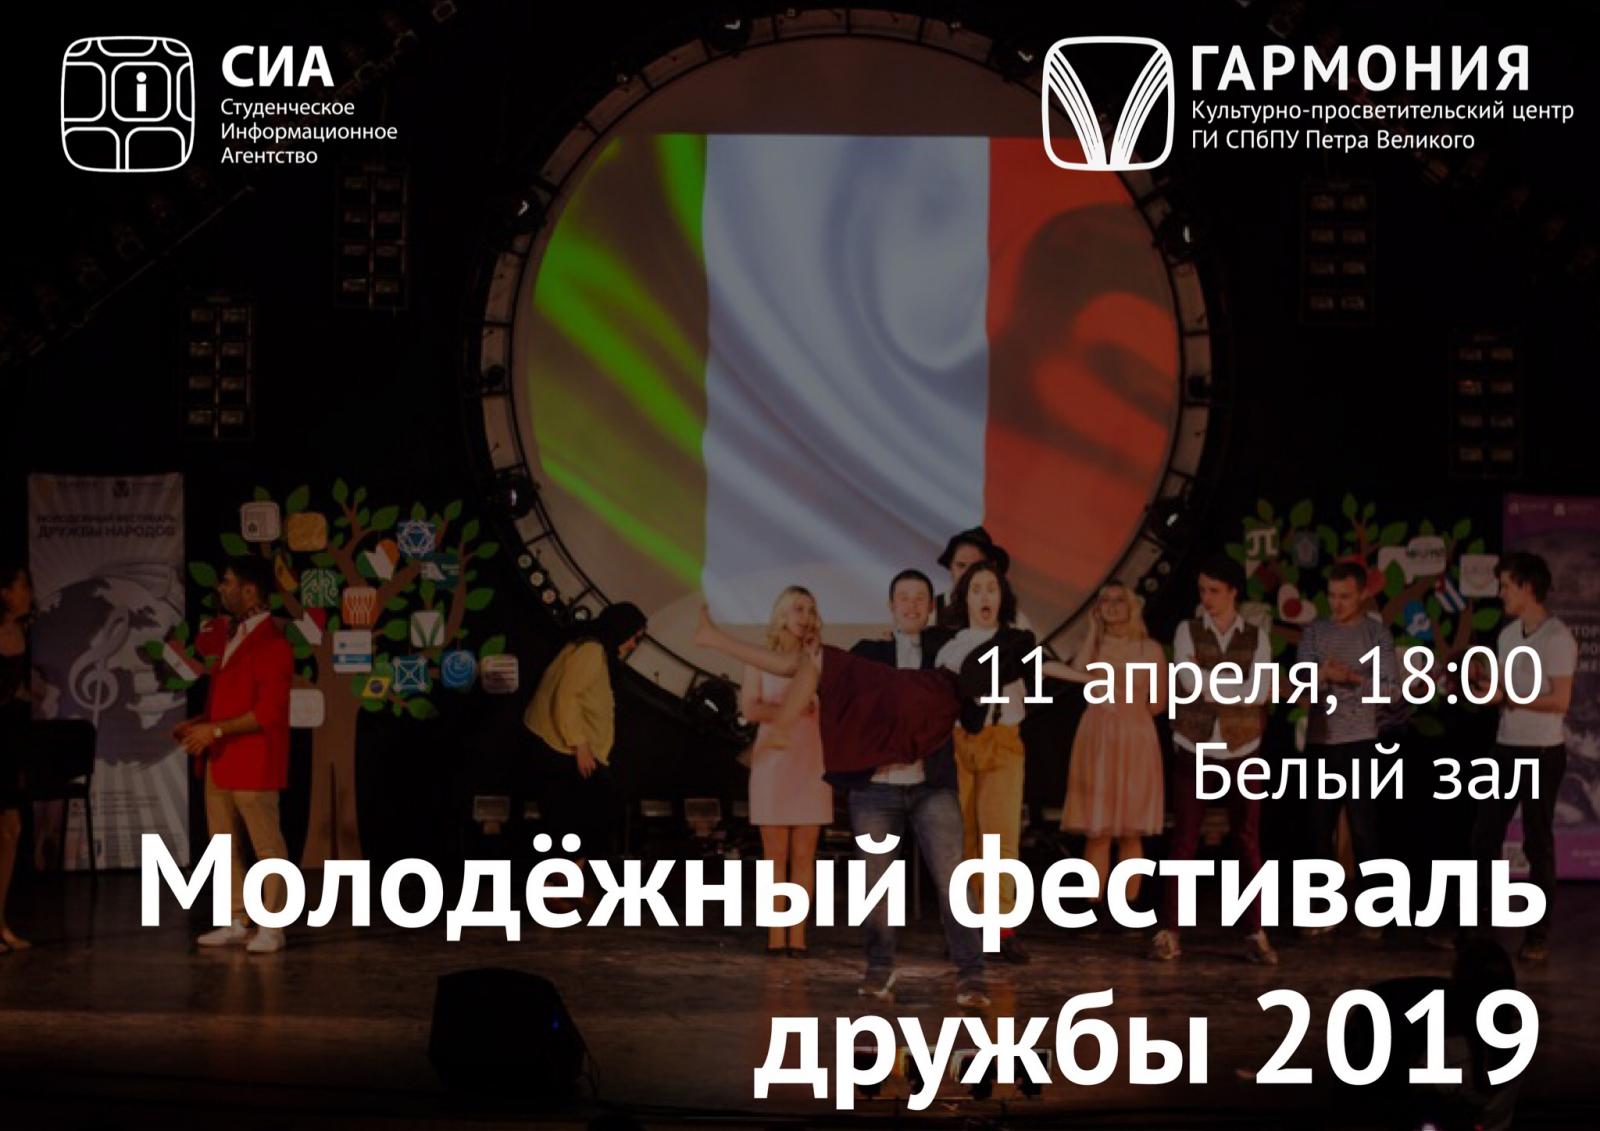 Молодёжный фестиваль дружбывозвращается!